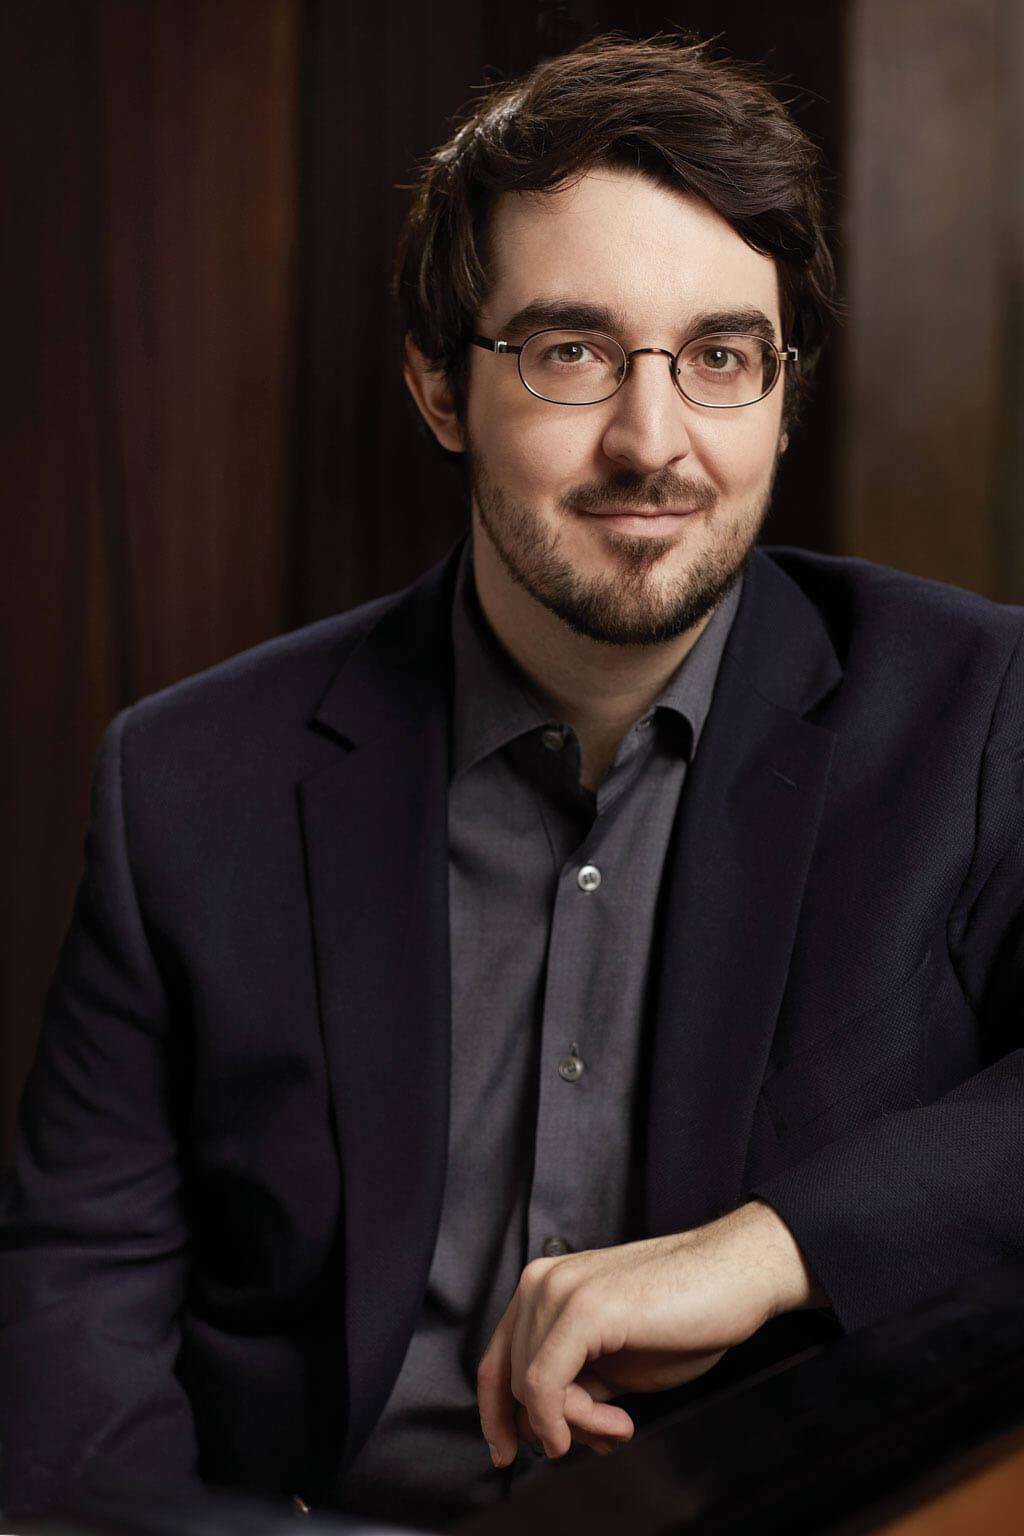 Charles Richard-Hamelin, notre Artiste de la semaine, est l'invité de l'Orchestre symphonique de Montréal pour trois concerts sous la direction de Kent Nagano. (Photo: Elizabeth Delage).